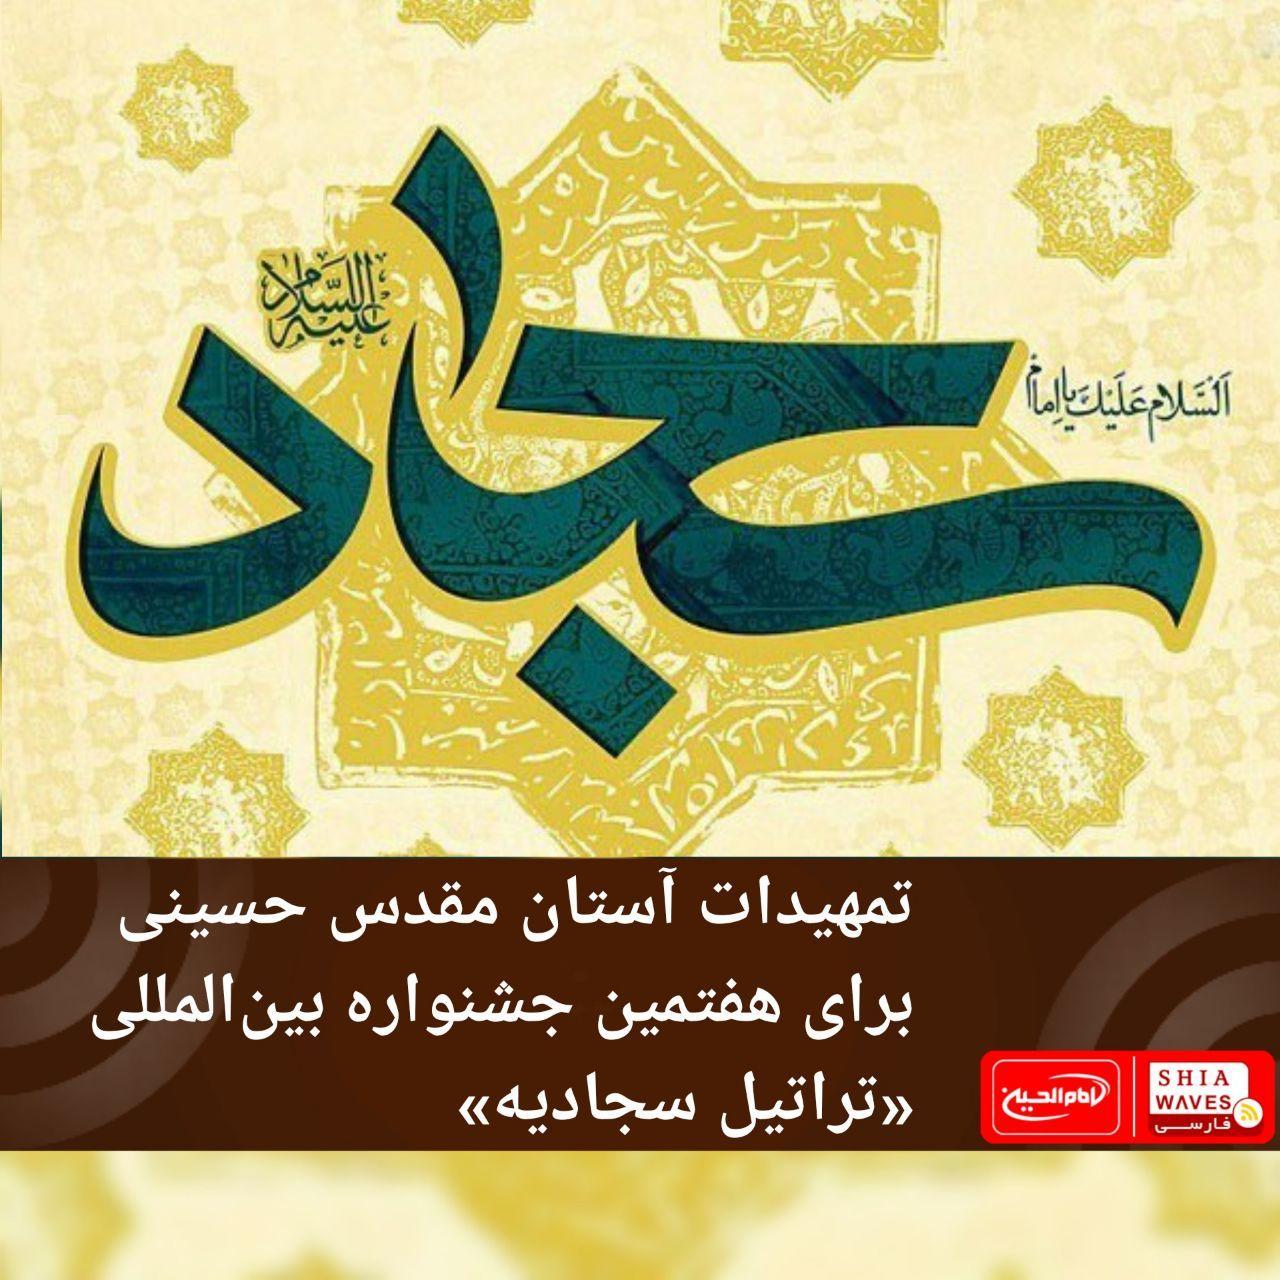 تصویر تمهیدات آستان مقدس حسینی برای هفتمین جشنواره بینالمللی «تراتیل سجادیه»